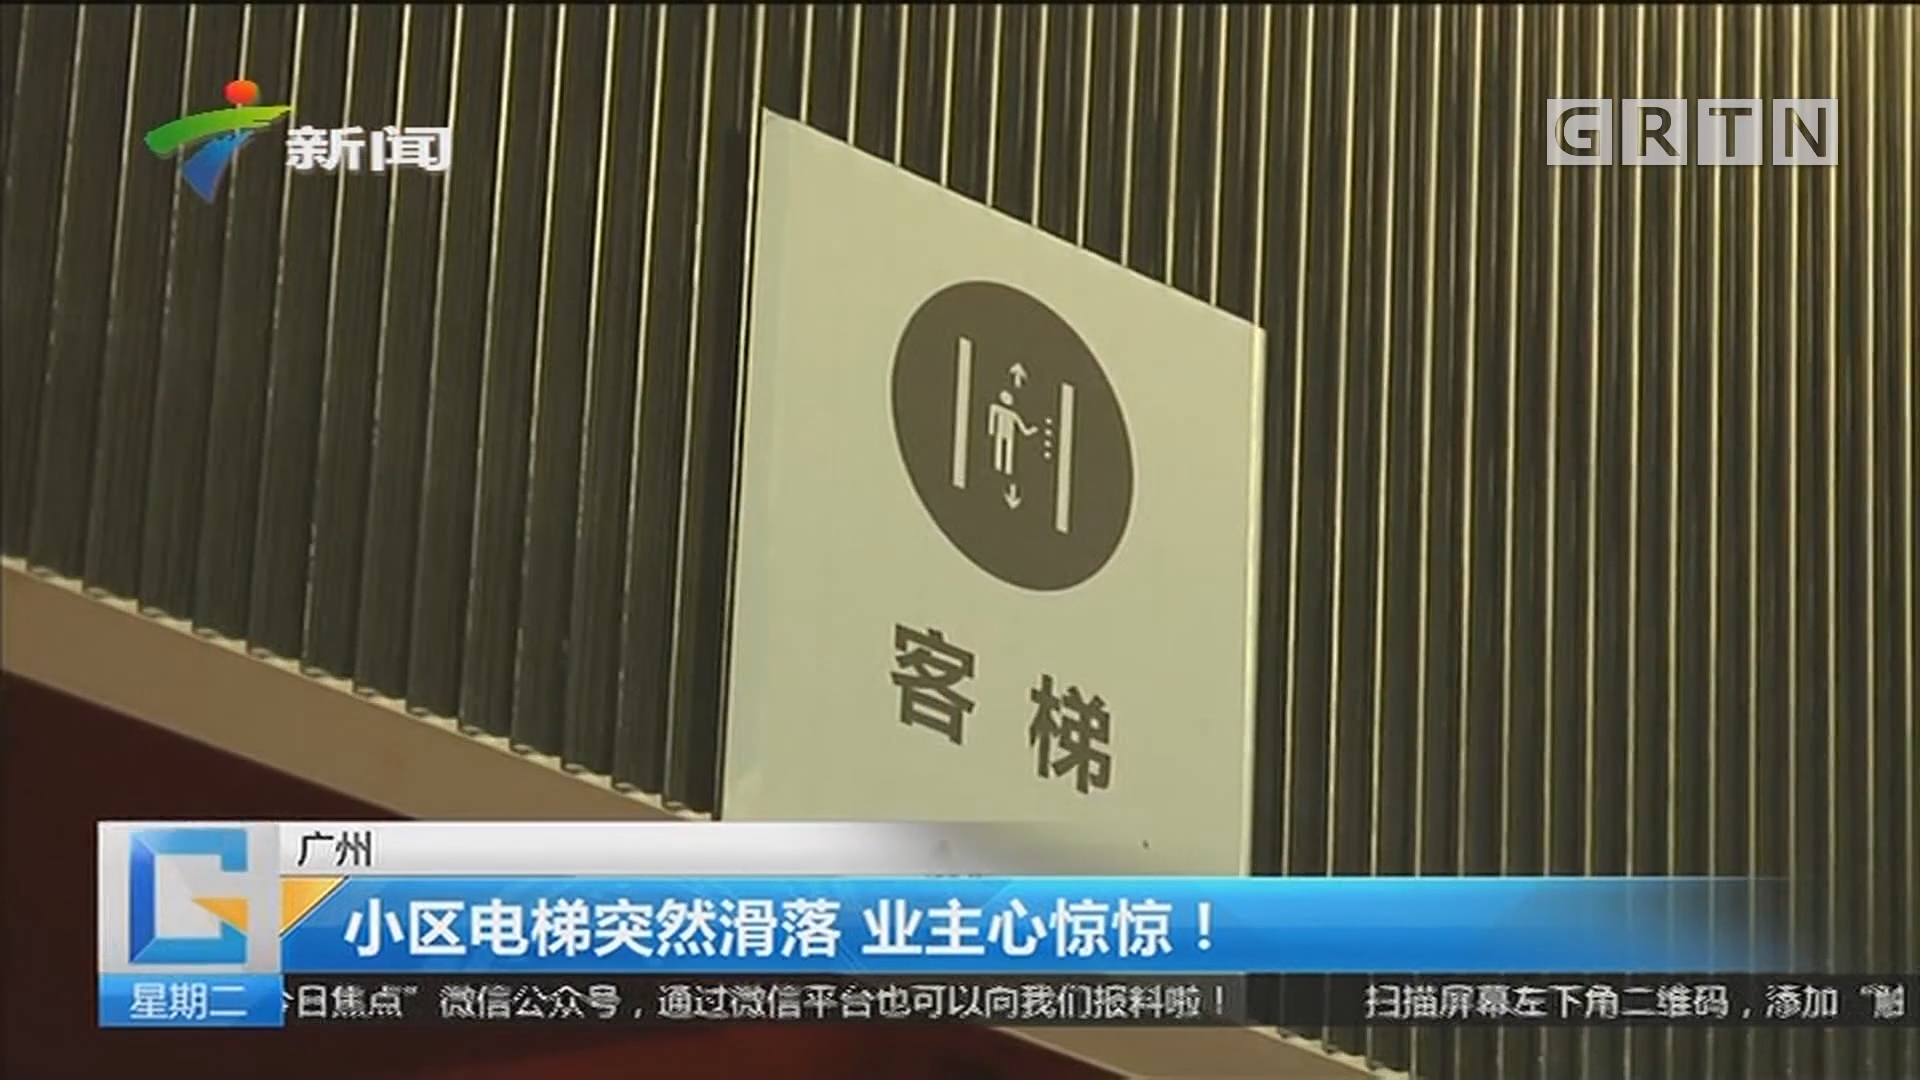 广州:小区电梯突然滑落 业主心惊惊!